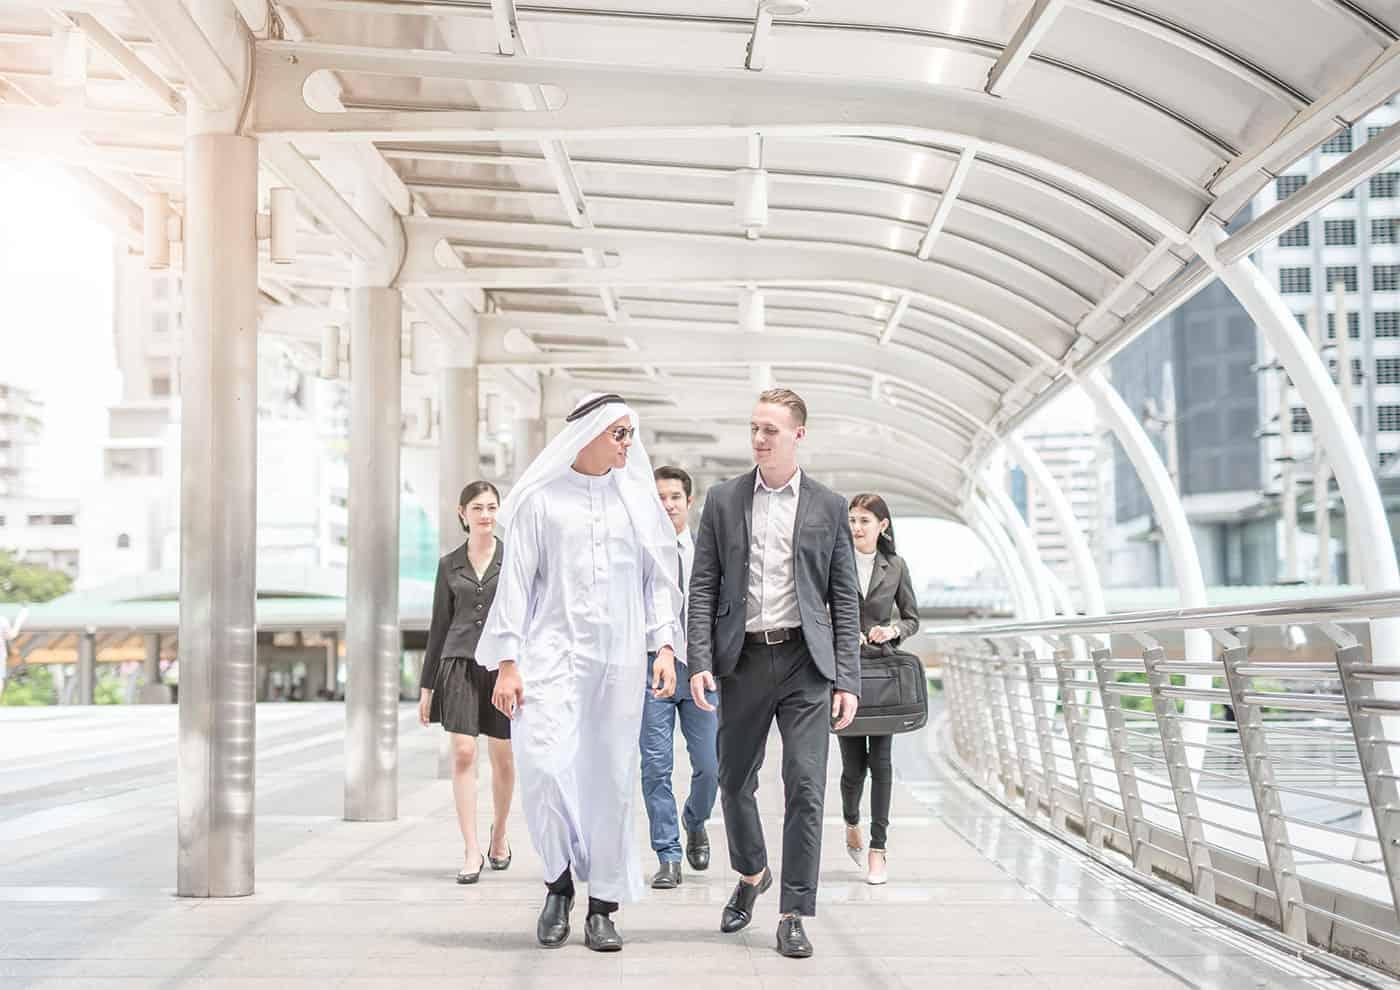 Dubai income tax at zero attracts global professionals